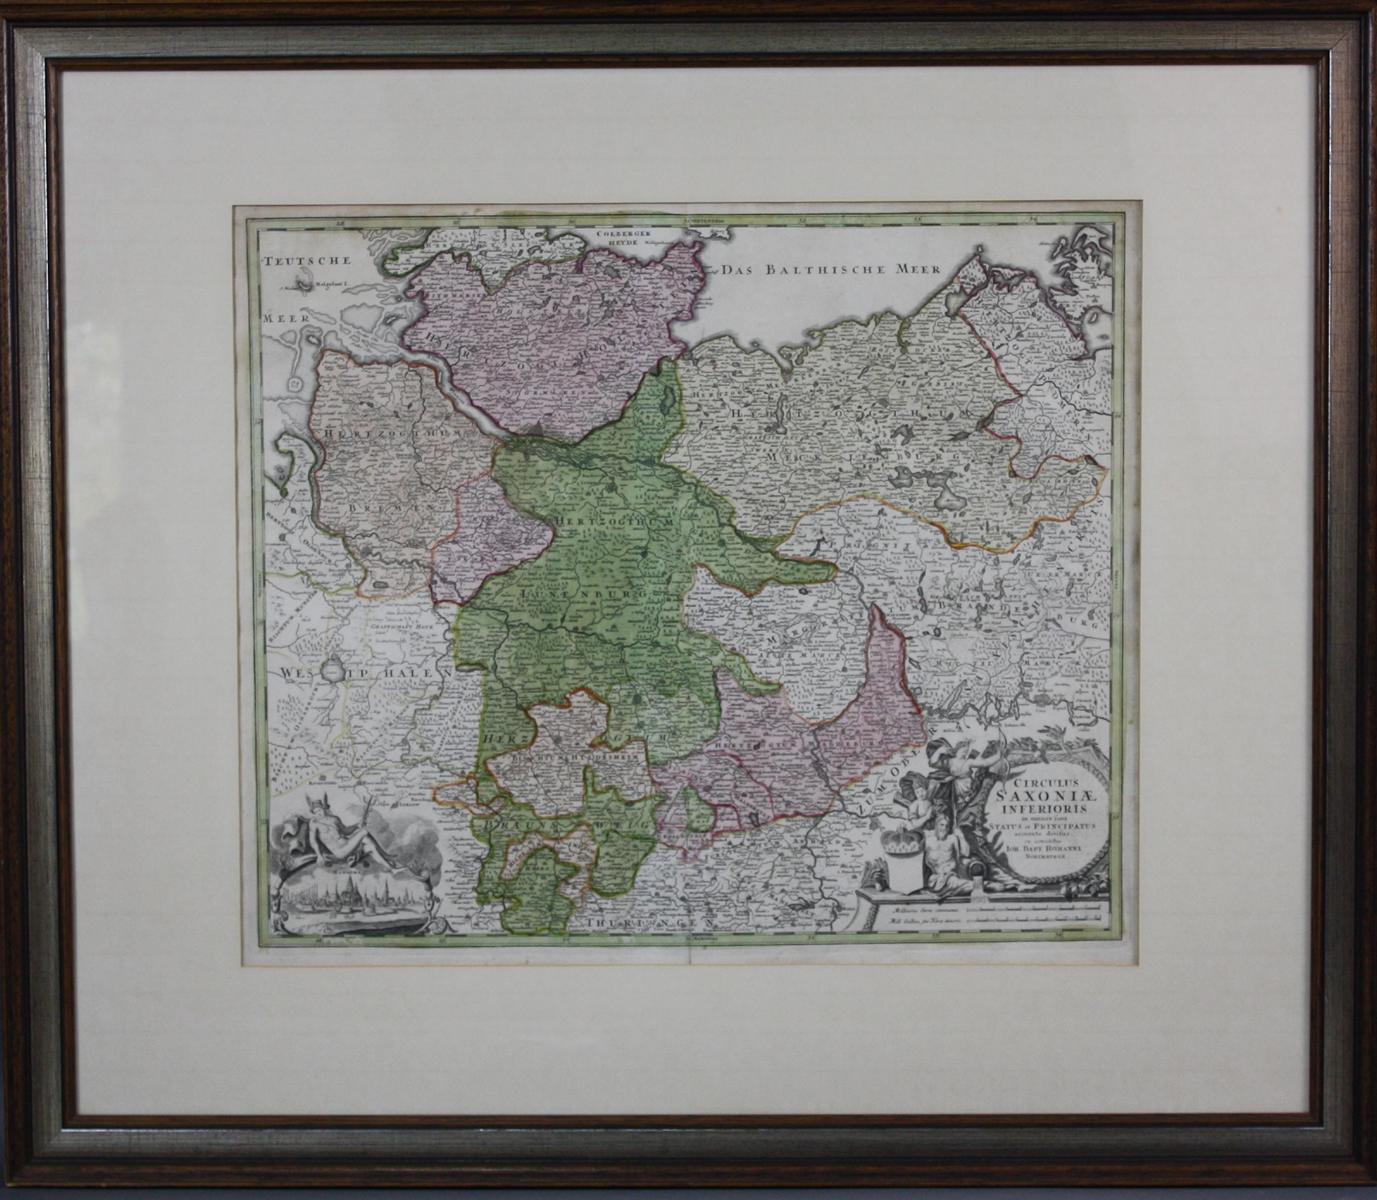 Altkolorierte Kupferstichkarte von Joh. Bap. Homann um 1720